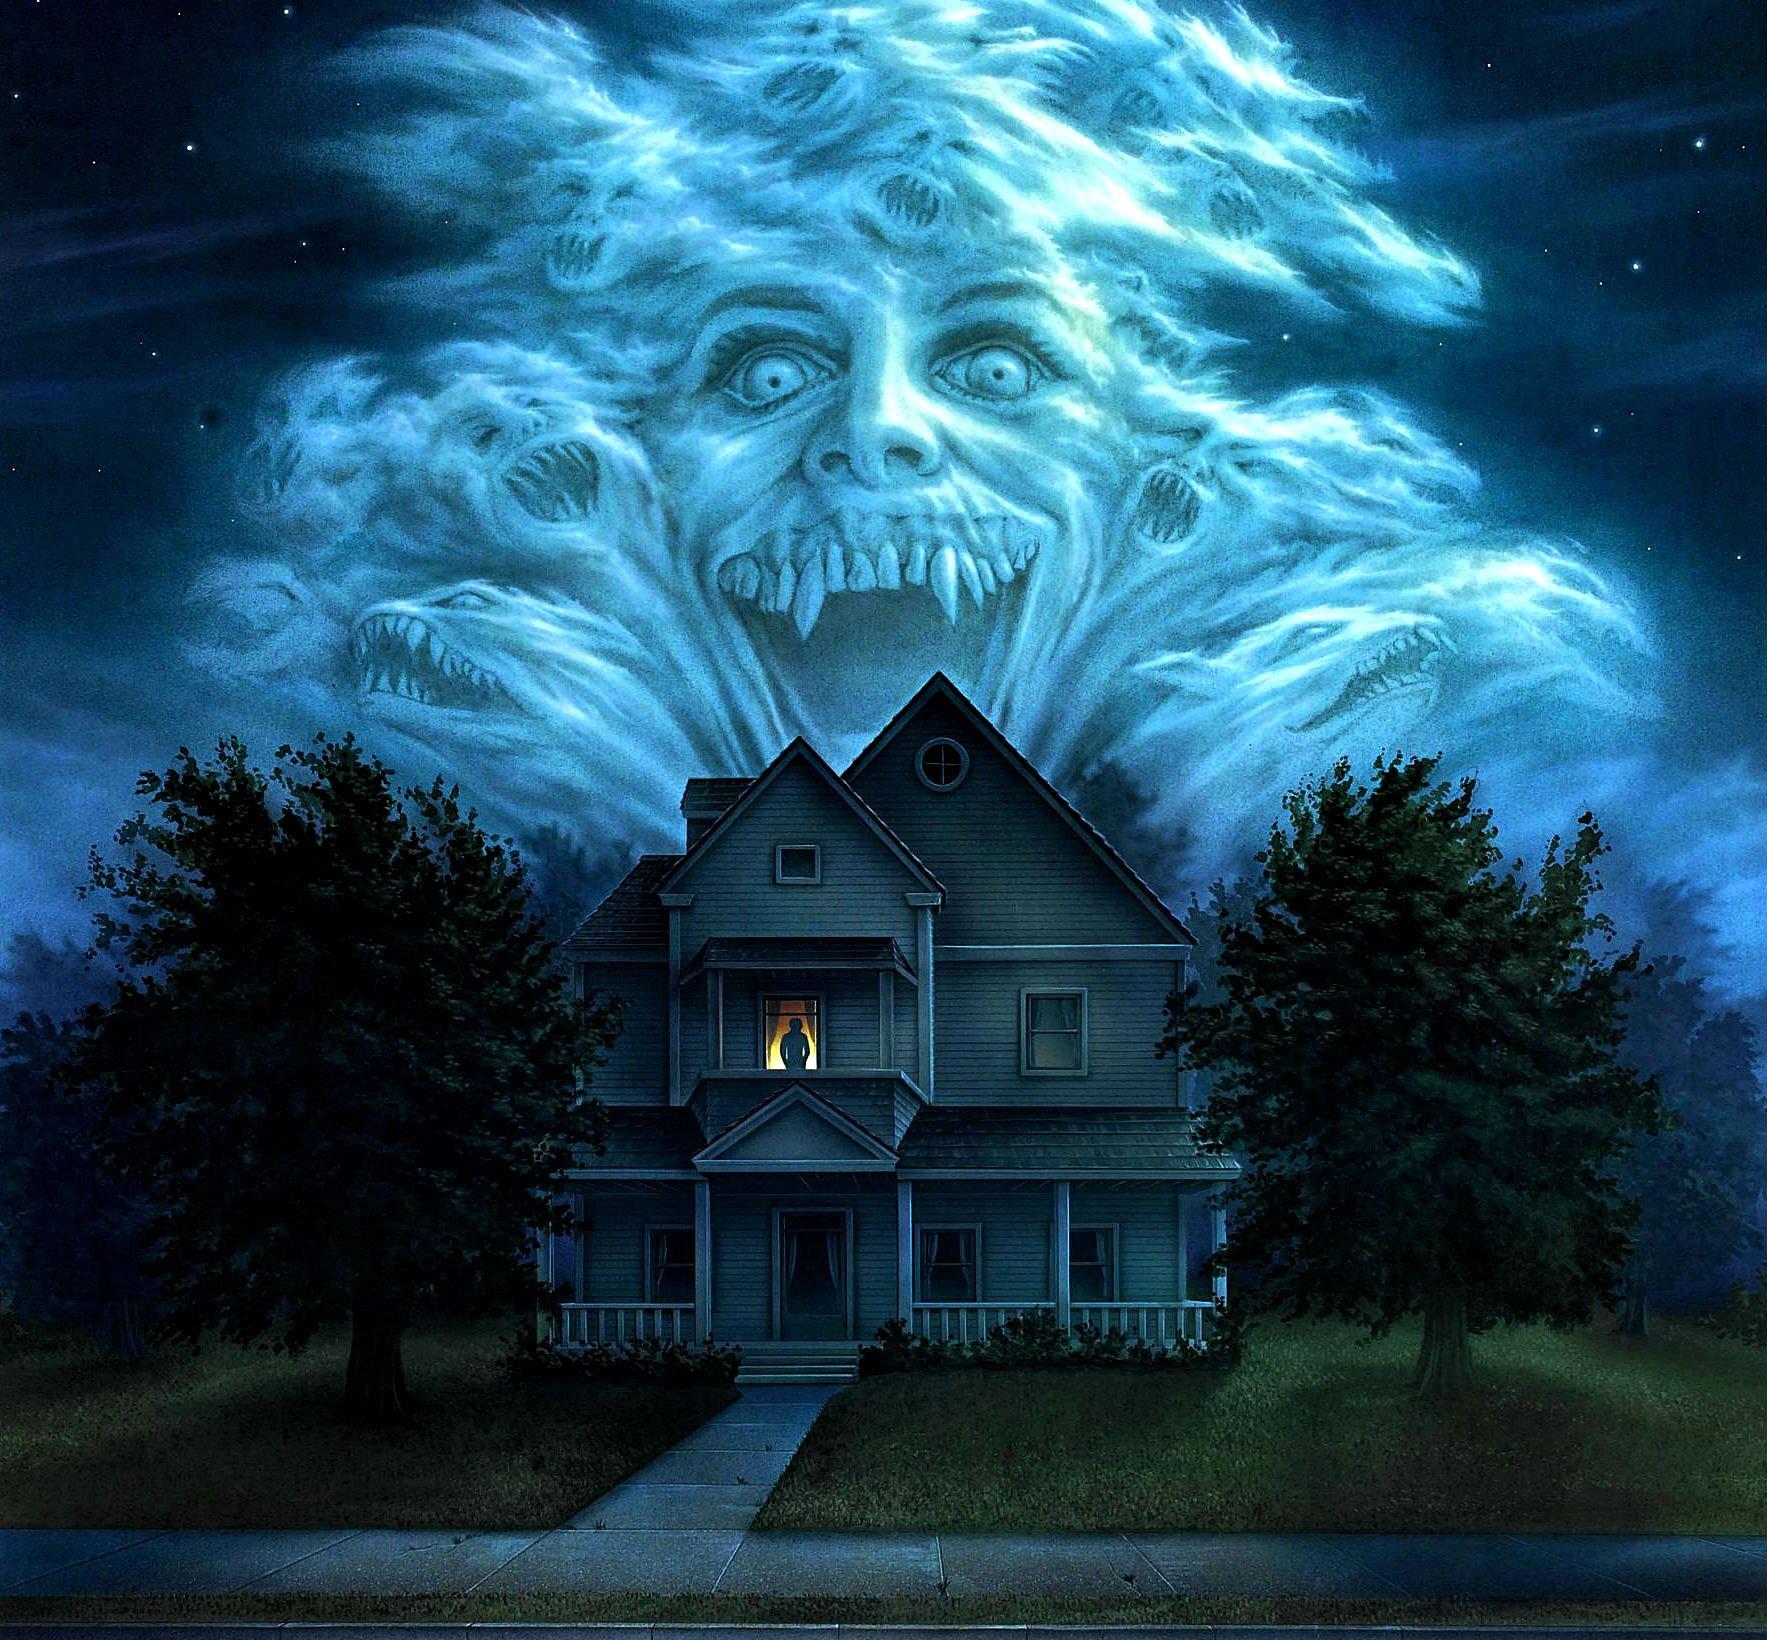 Fantastic Wallpaper Halloween Haunted - 675f42ecabc771c55a561dd89457c13a  HD_207588.jpg